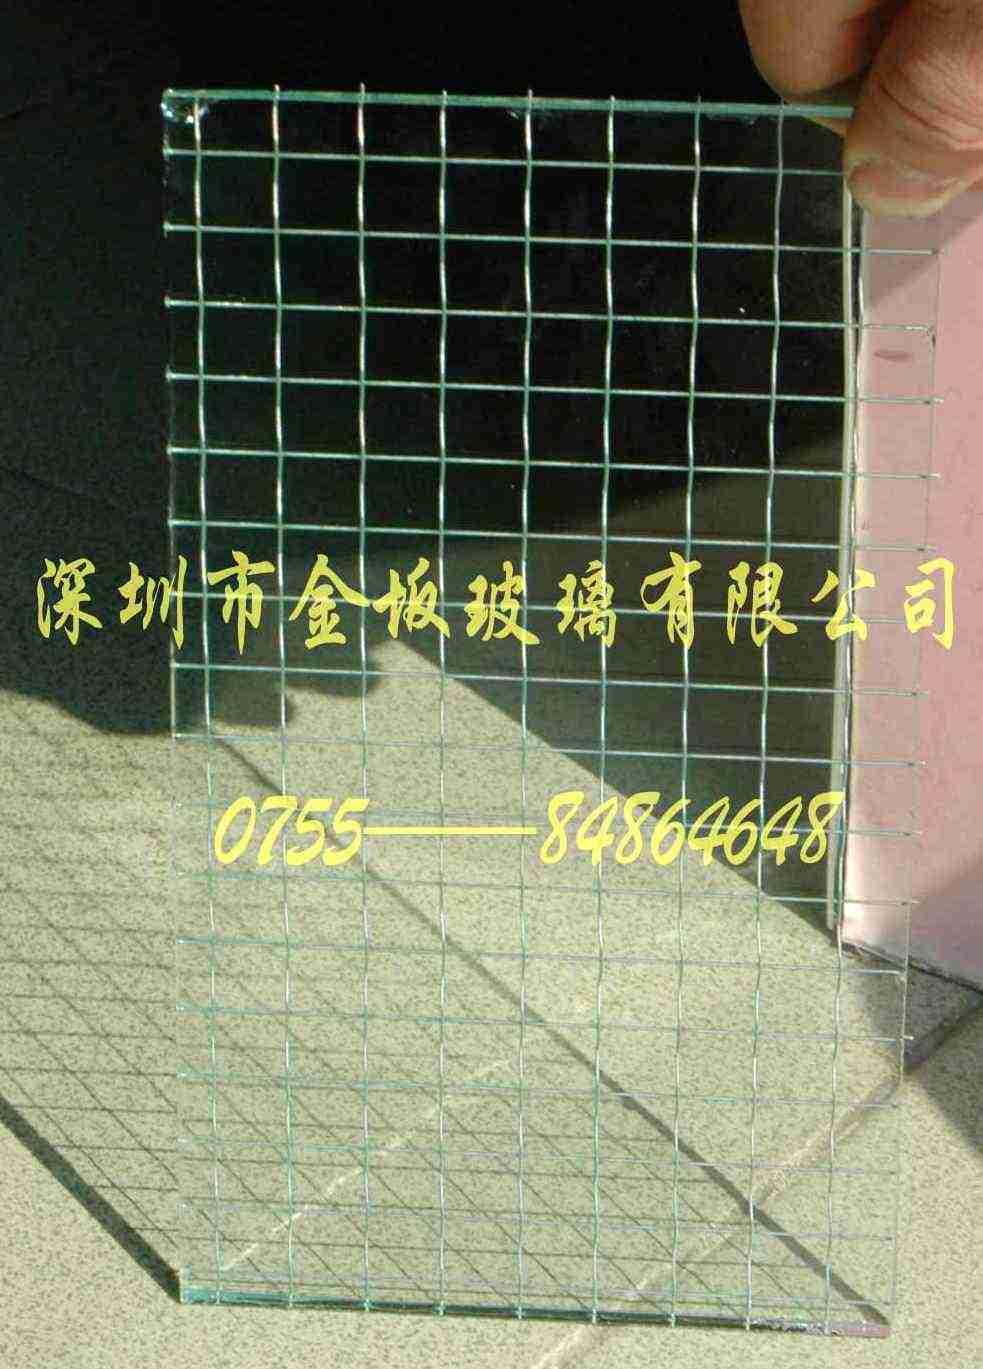 深圳市金坂玻璃有限公司企业形象图片